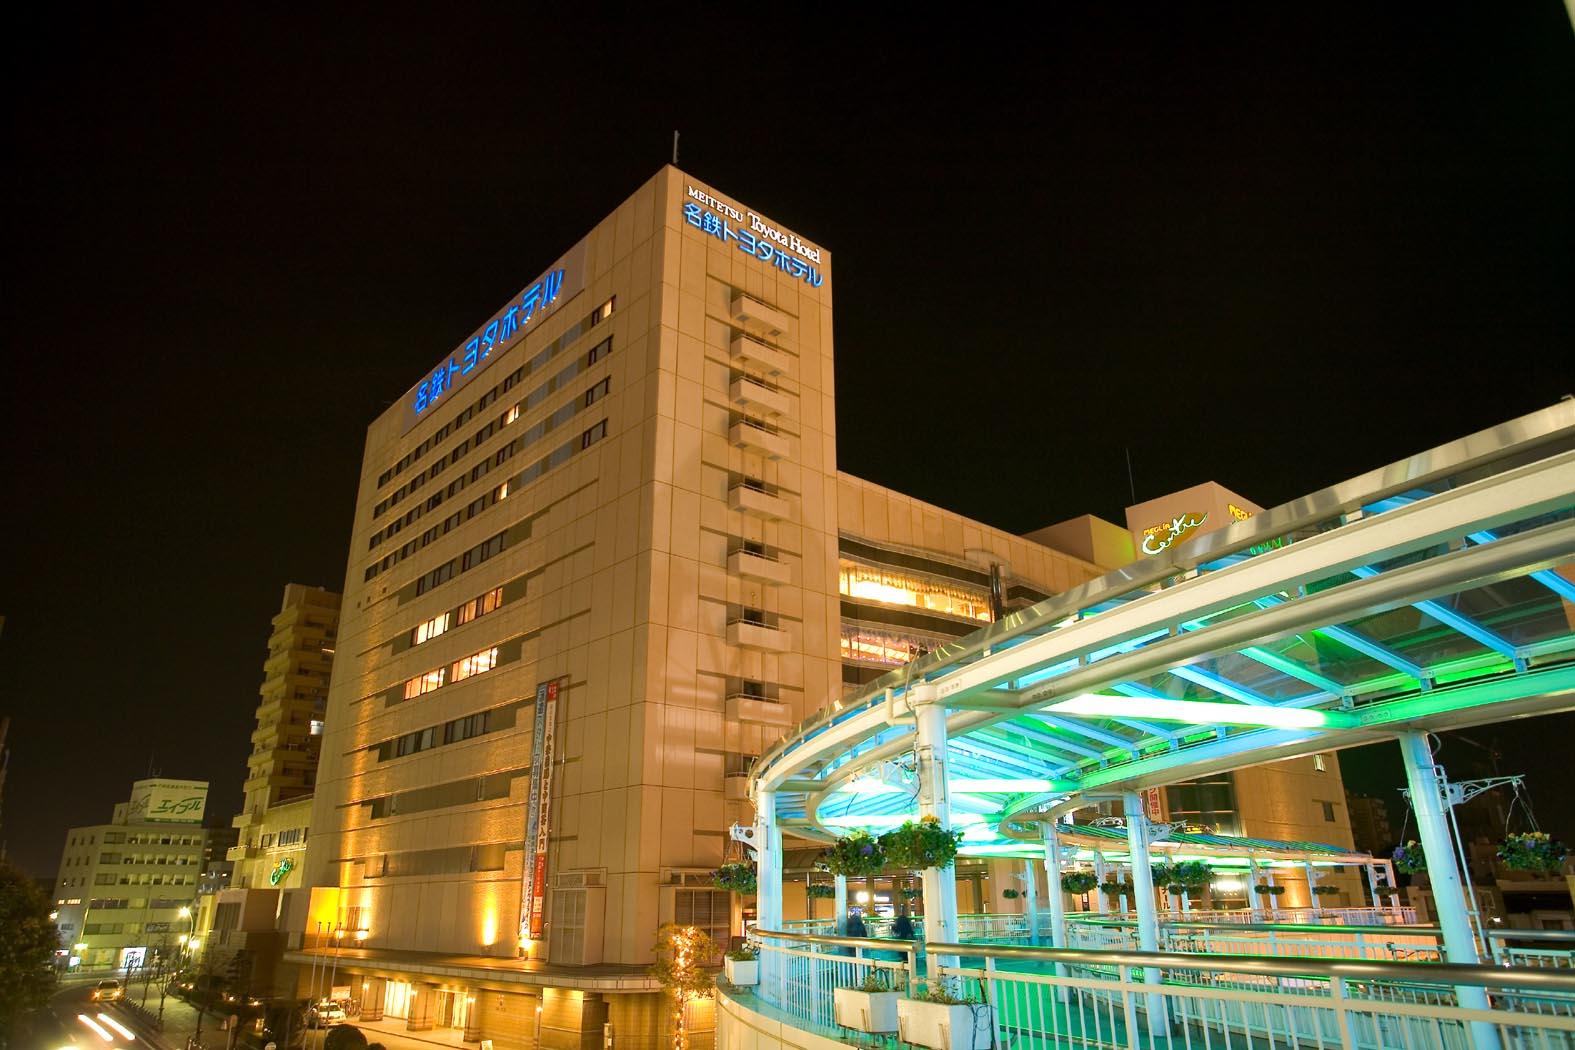 名鉄トヨタホテル image